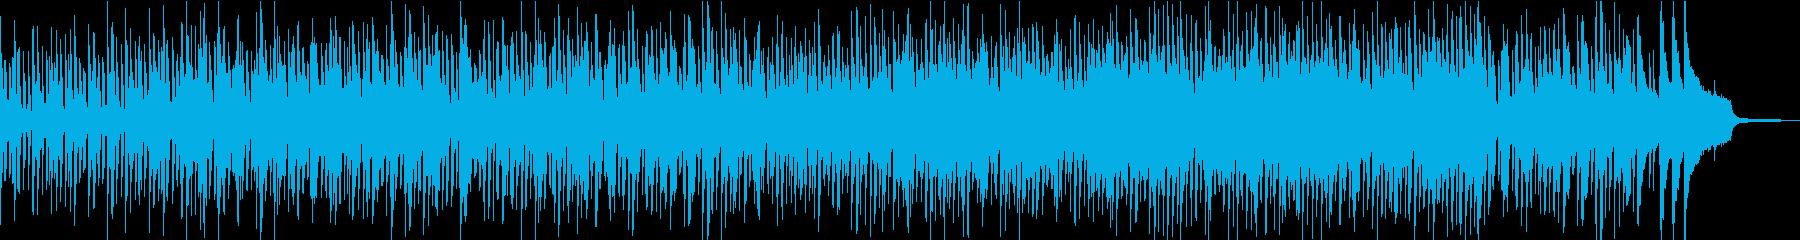 ハーモニカの音が懐かしく切なく温かい曲の再生済みの波形